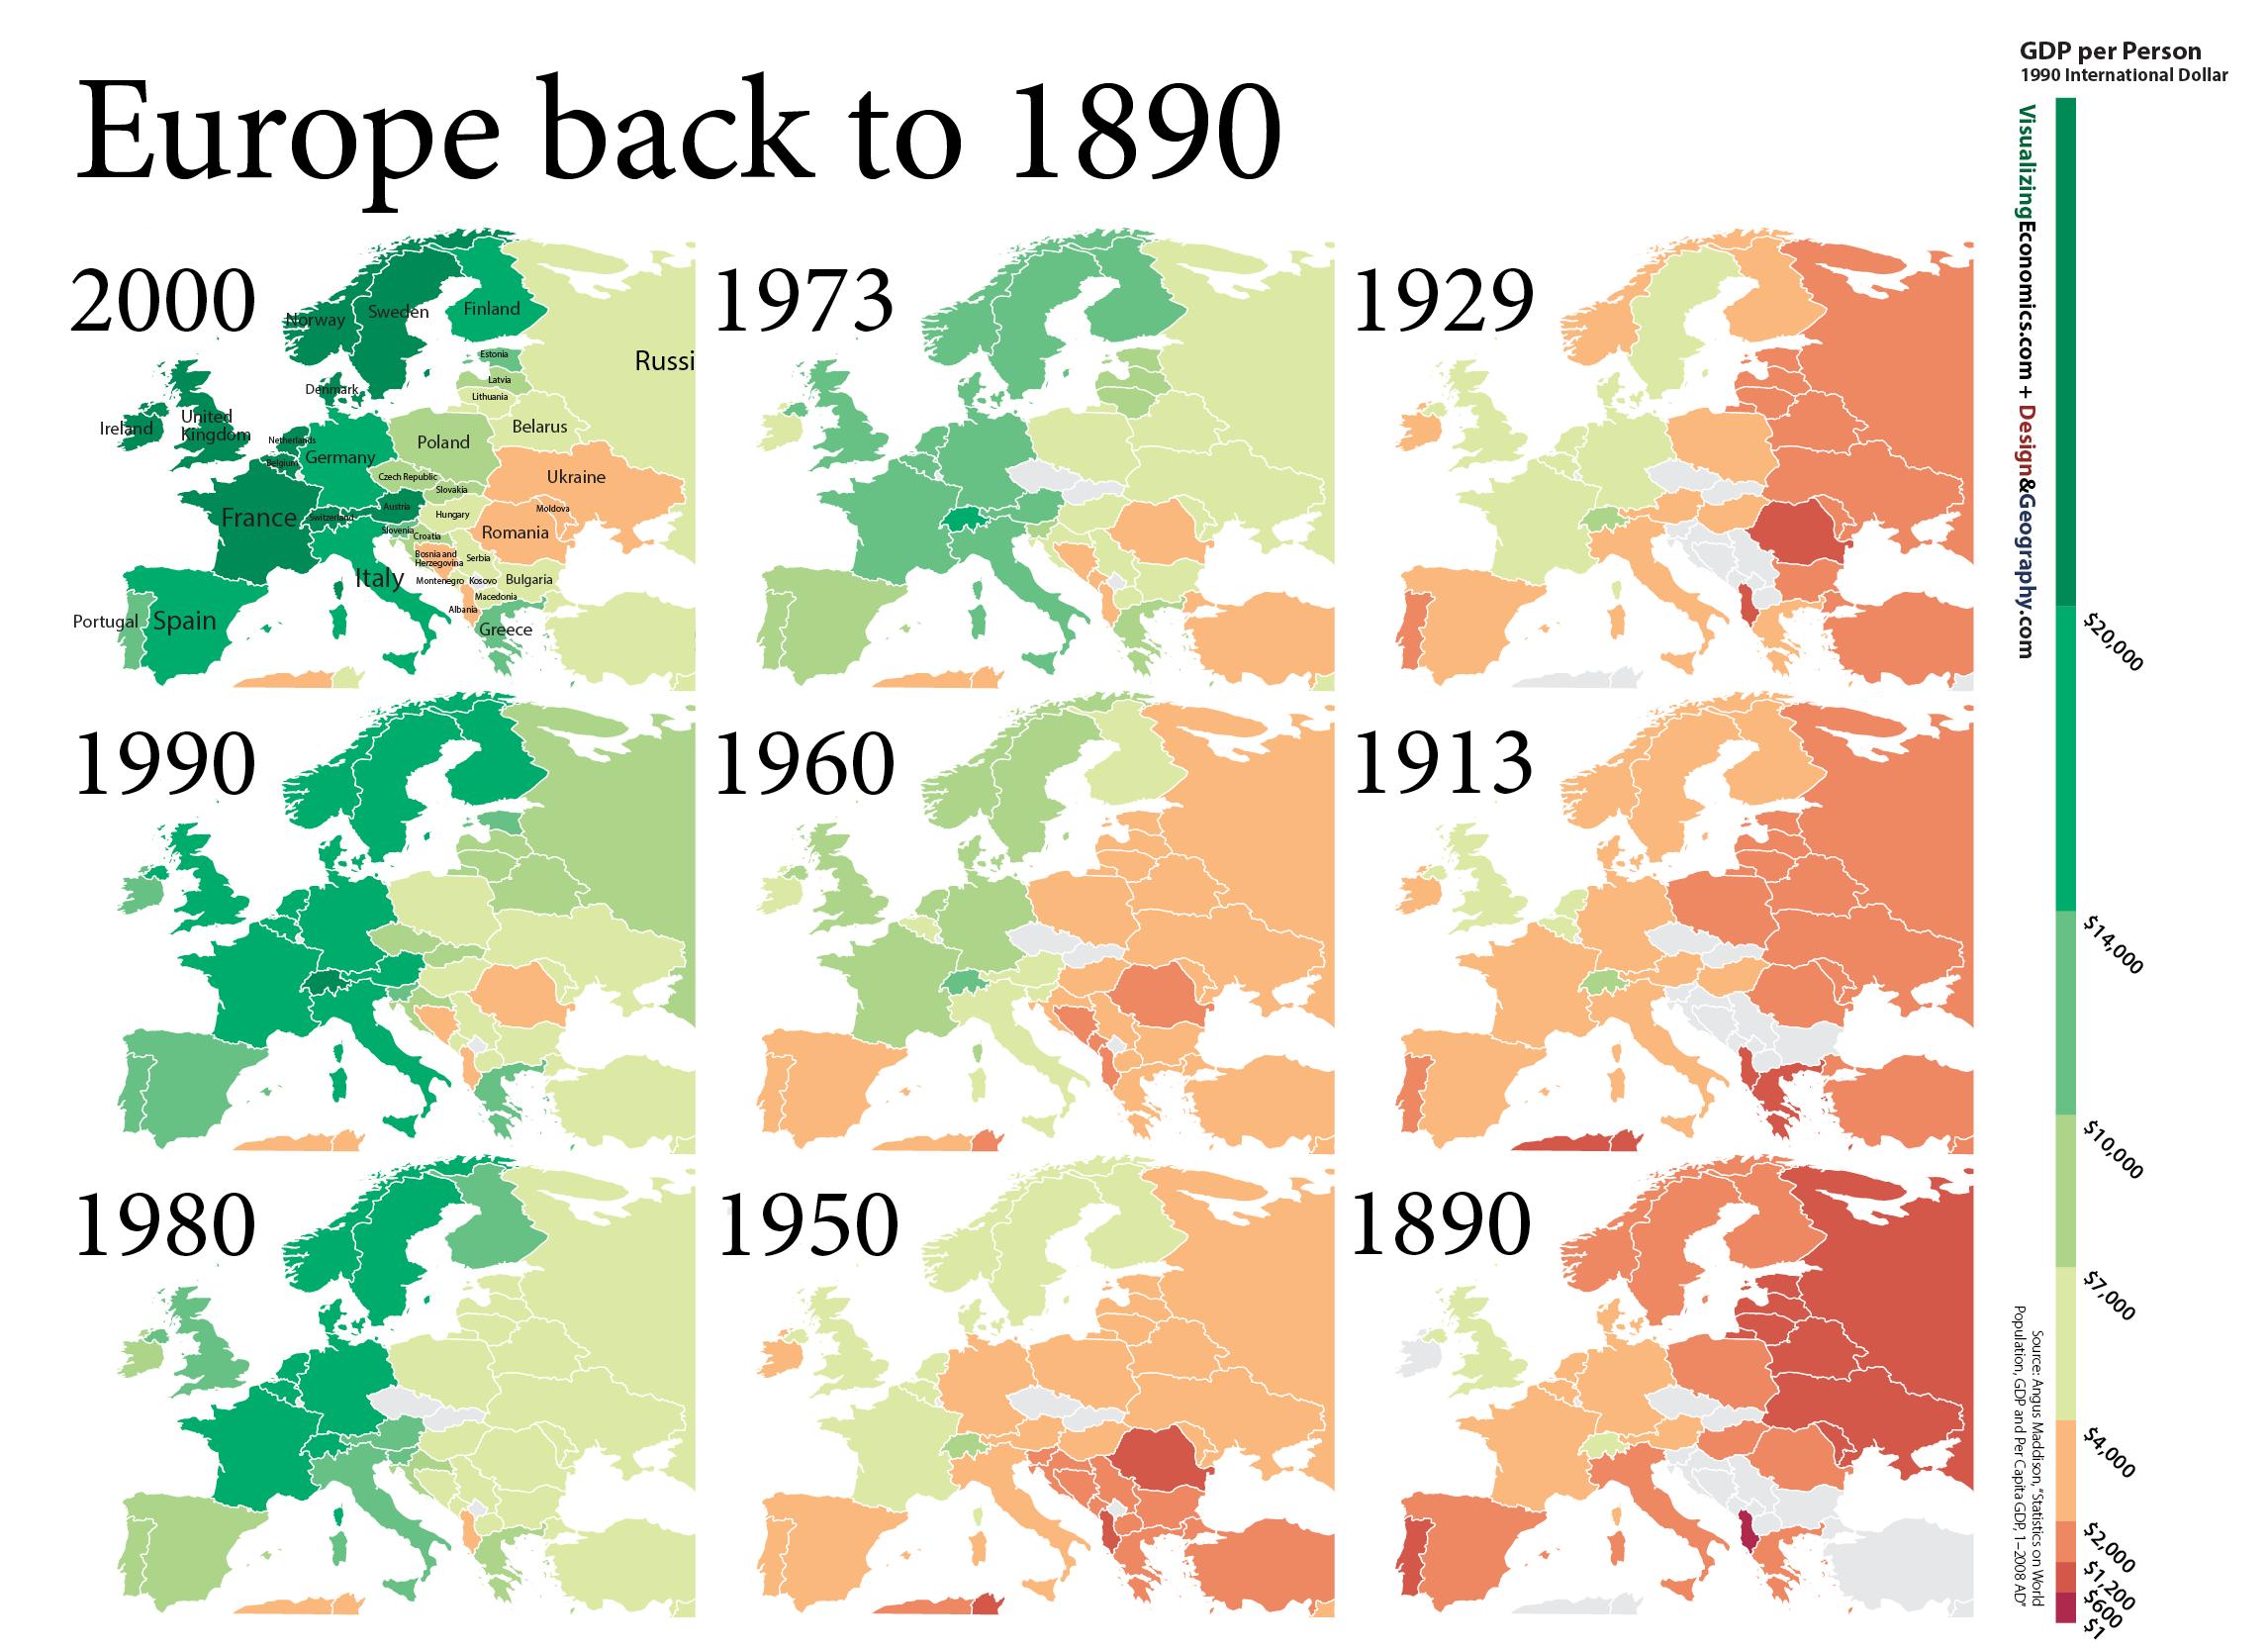 Europe back to 1890 — Visualizing Economics